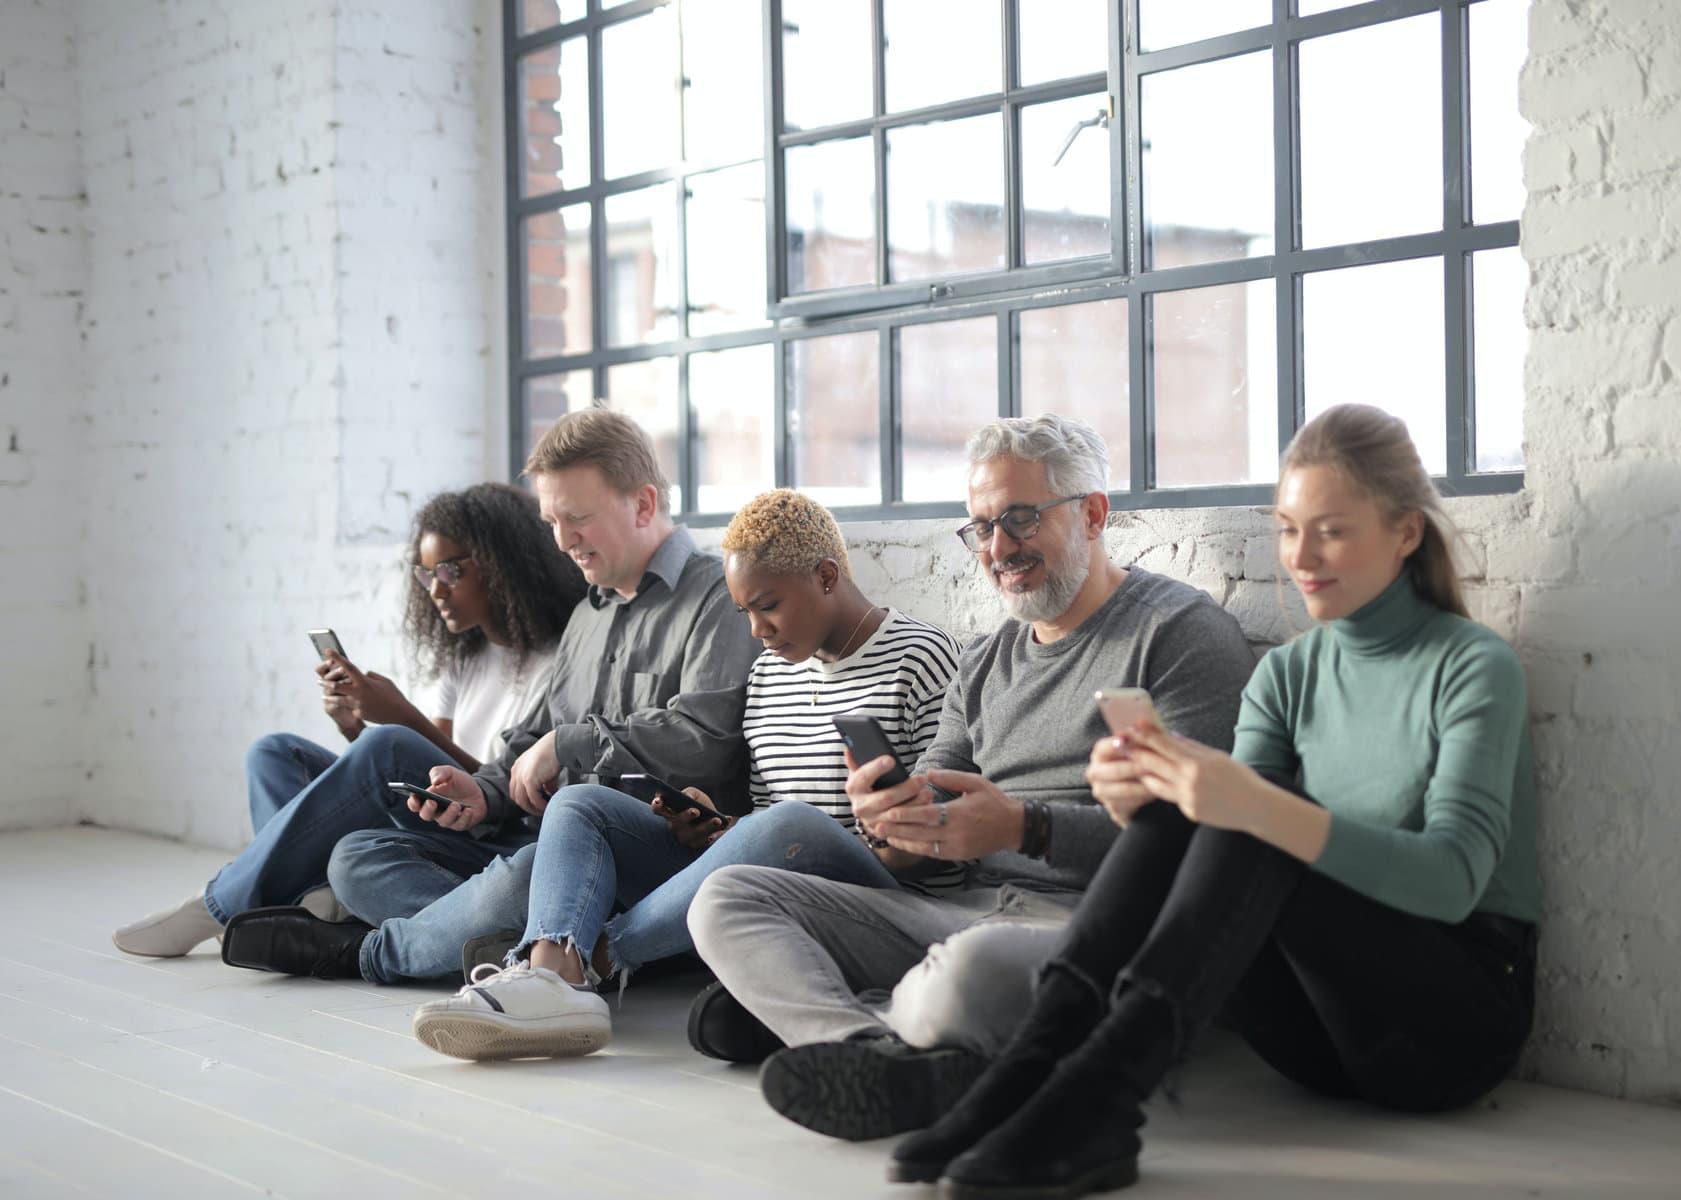 Ist die Vorliebe für Remote Work eine Generationsfrage?